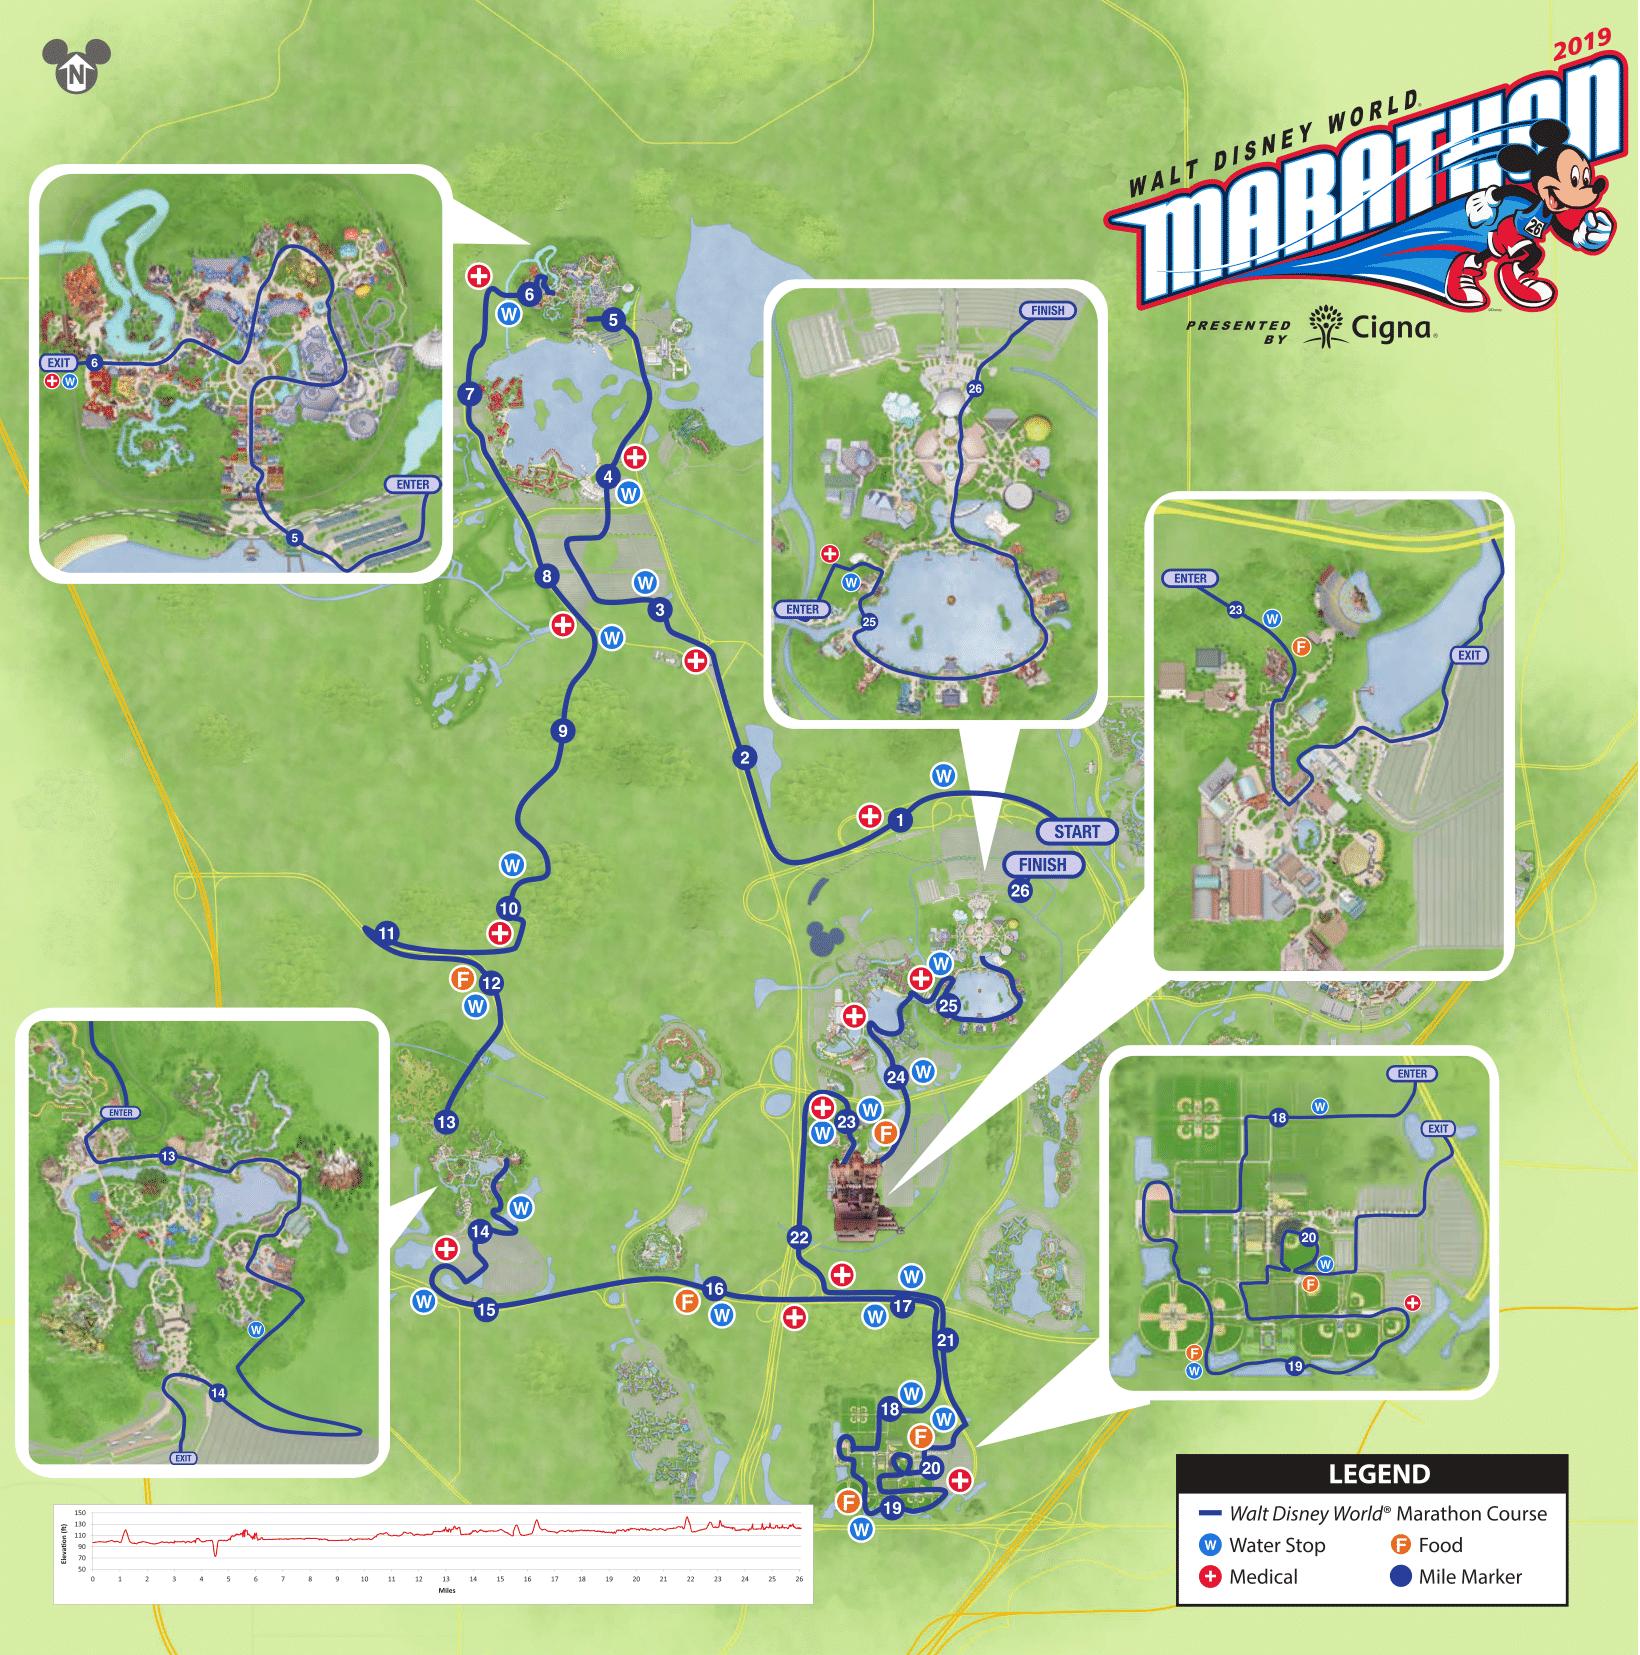 2019-WDW-Marathon-Course-Map-1.png